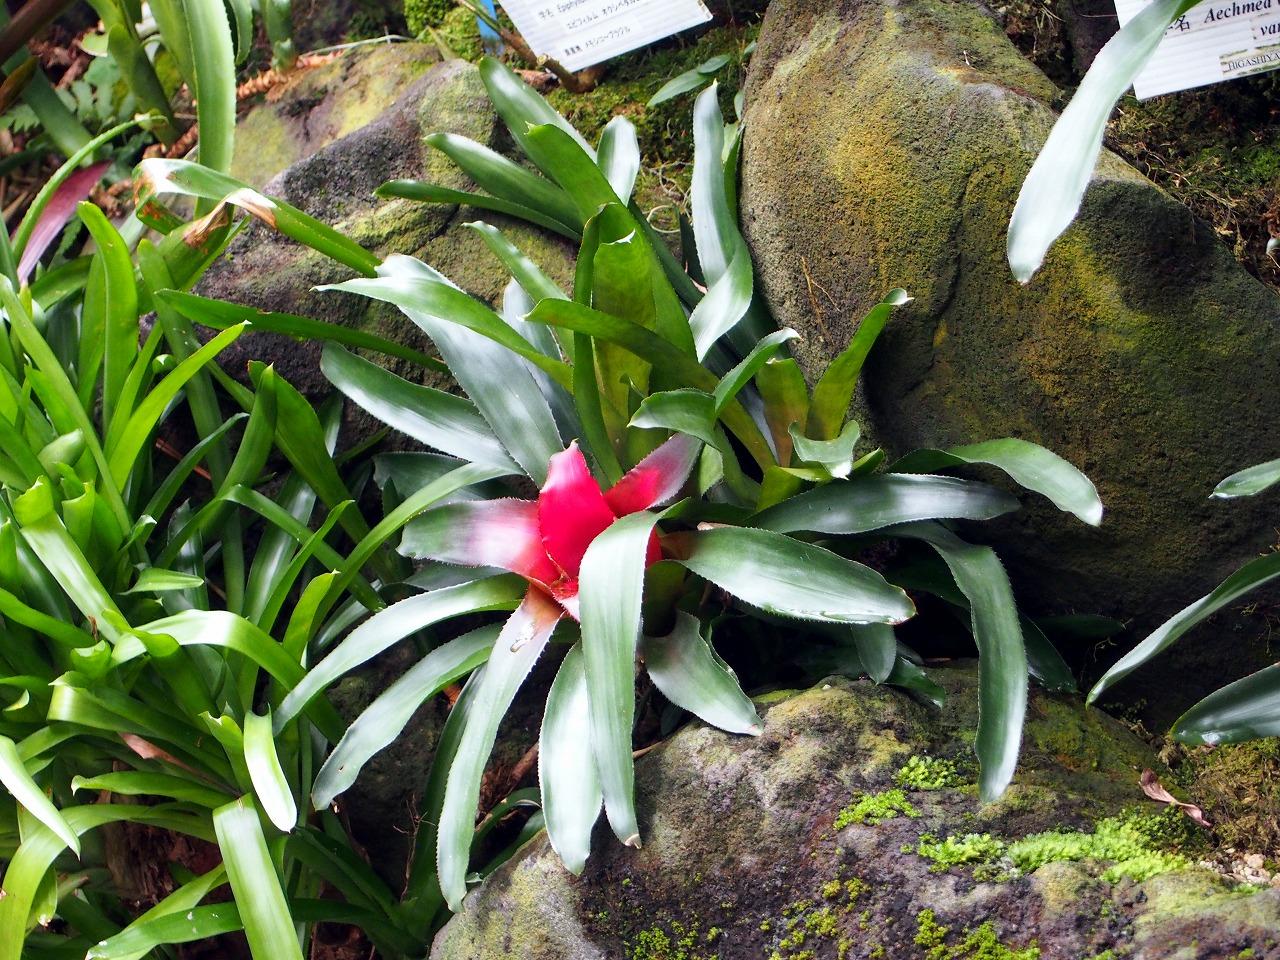 BotanicalGarden129_20141115.jpg